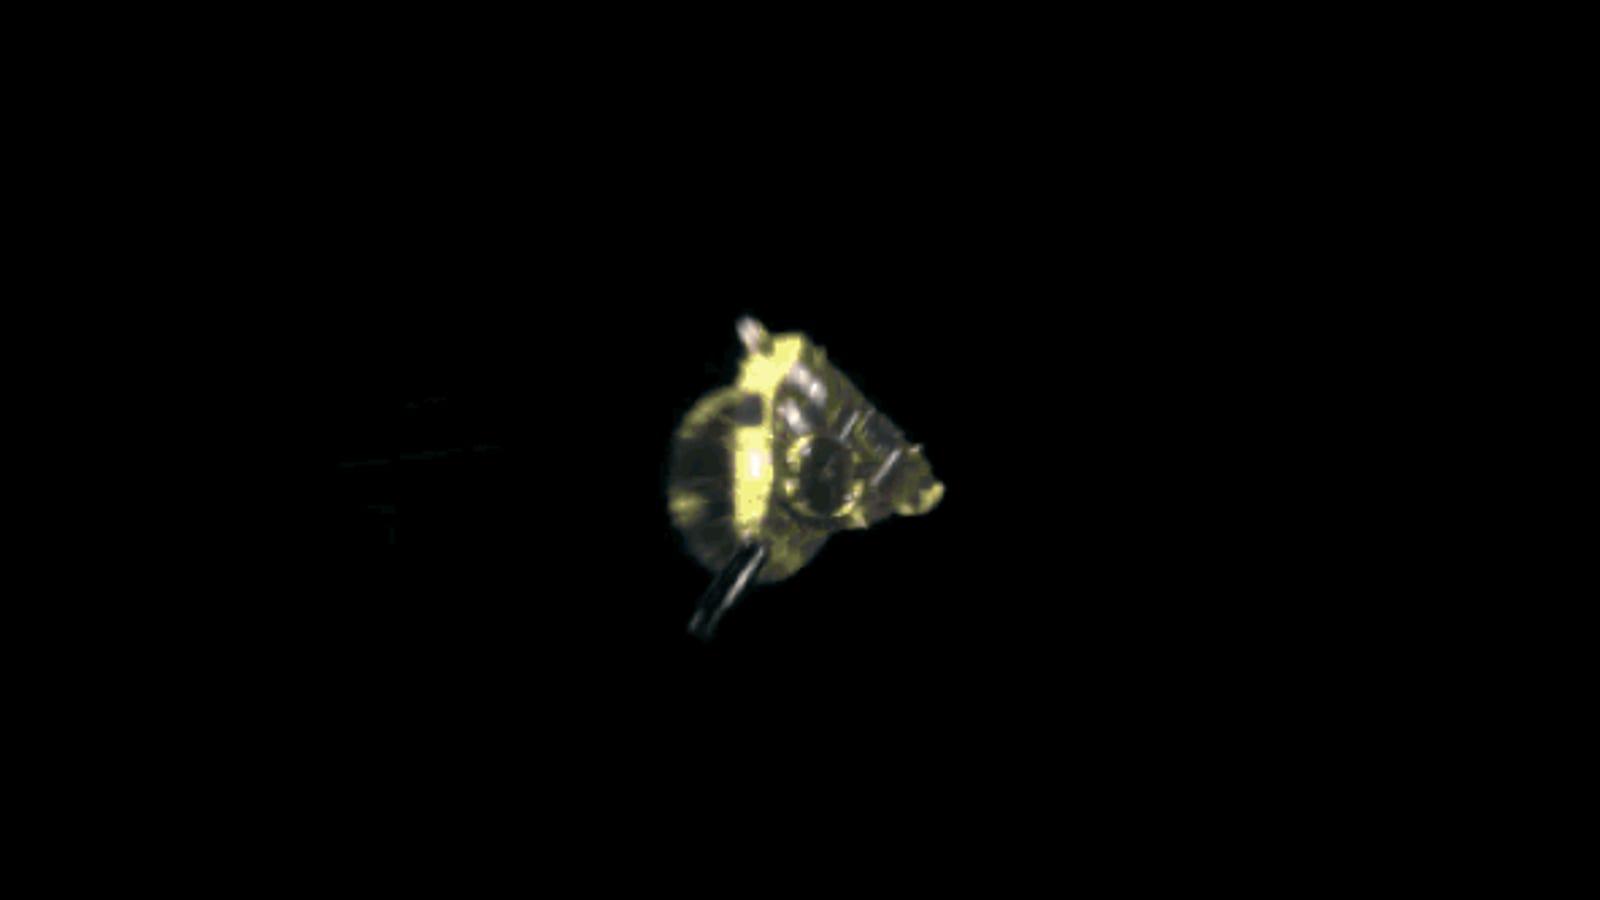 Las lunas de Plutón siguen una órbita tan caótica que aún no tiene explicación